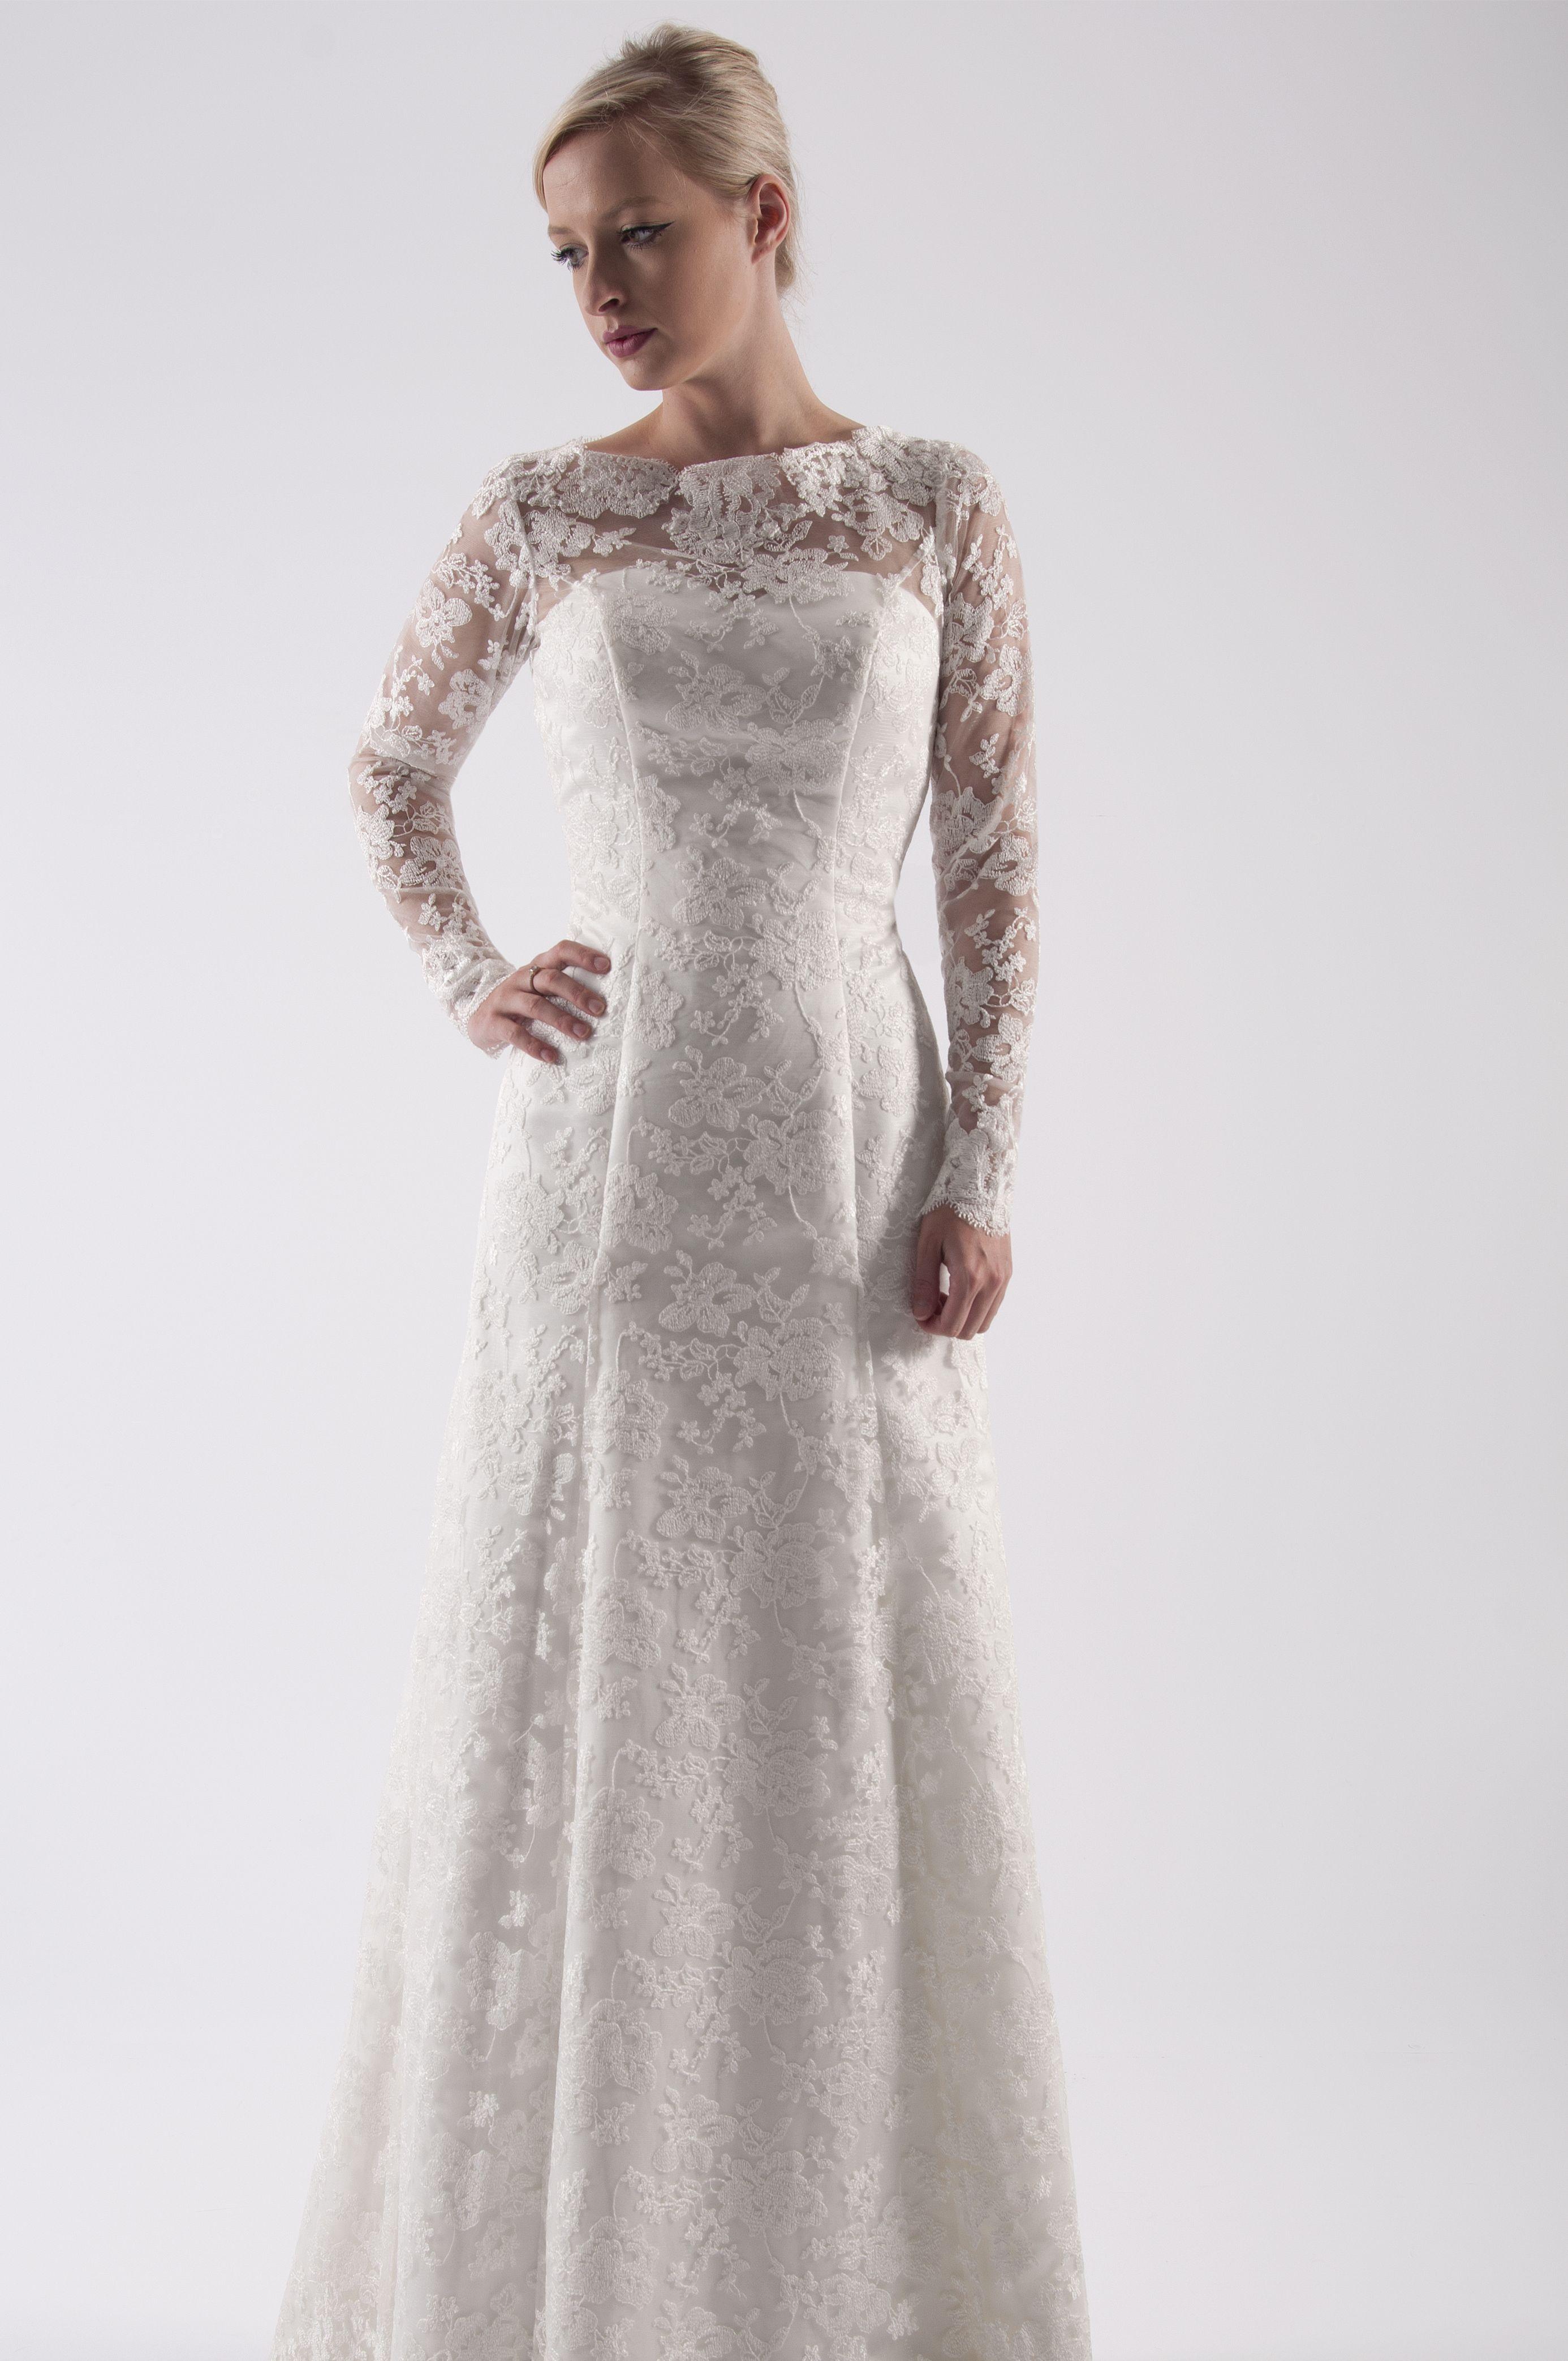 74e4f20d6bf1 House of Mooshki original A line ivory lace wedding dress with keyhole back,  long sleeves